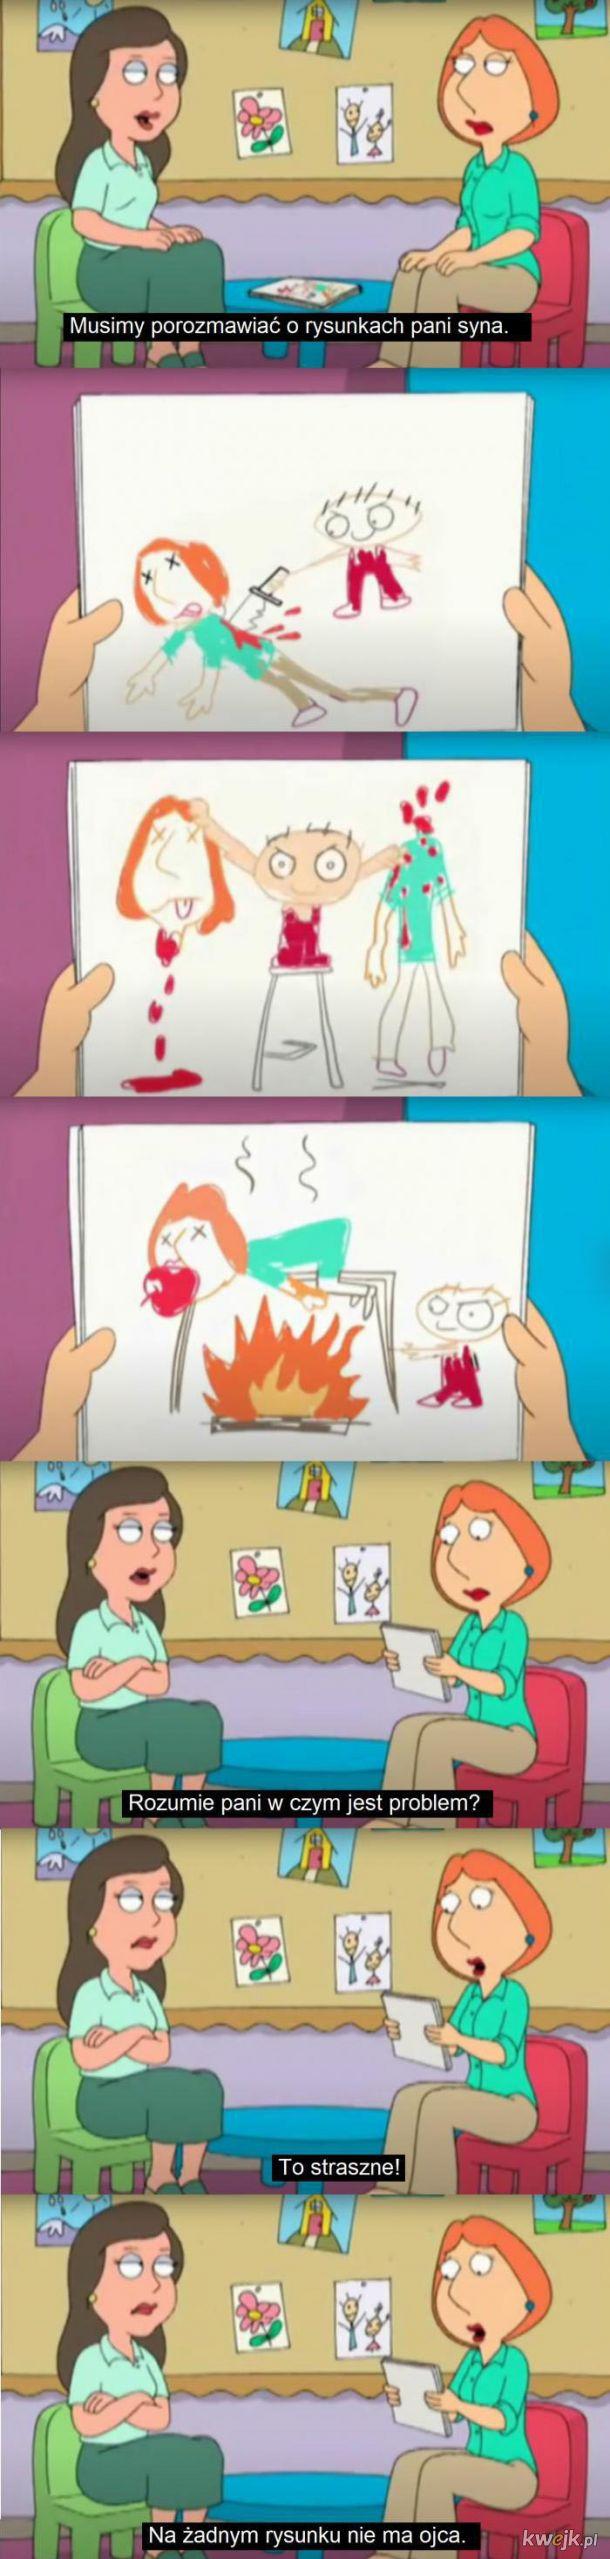 Niepokojące rysunki